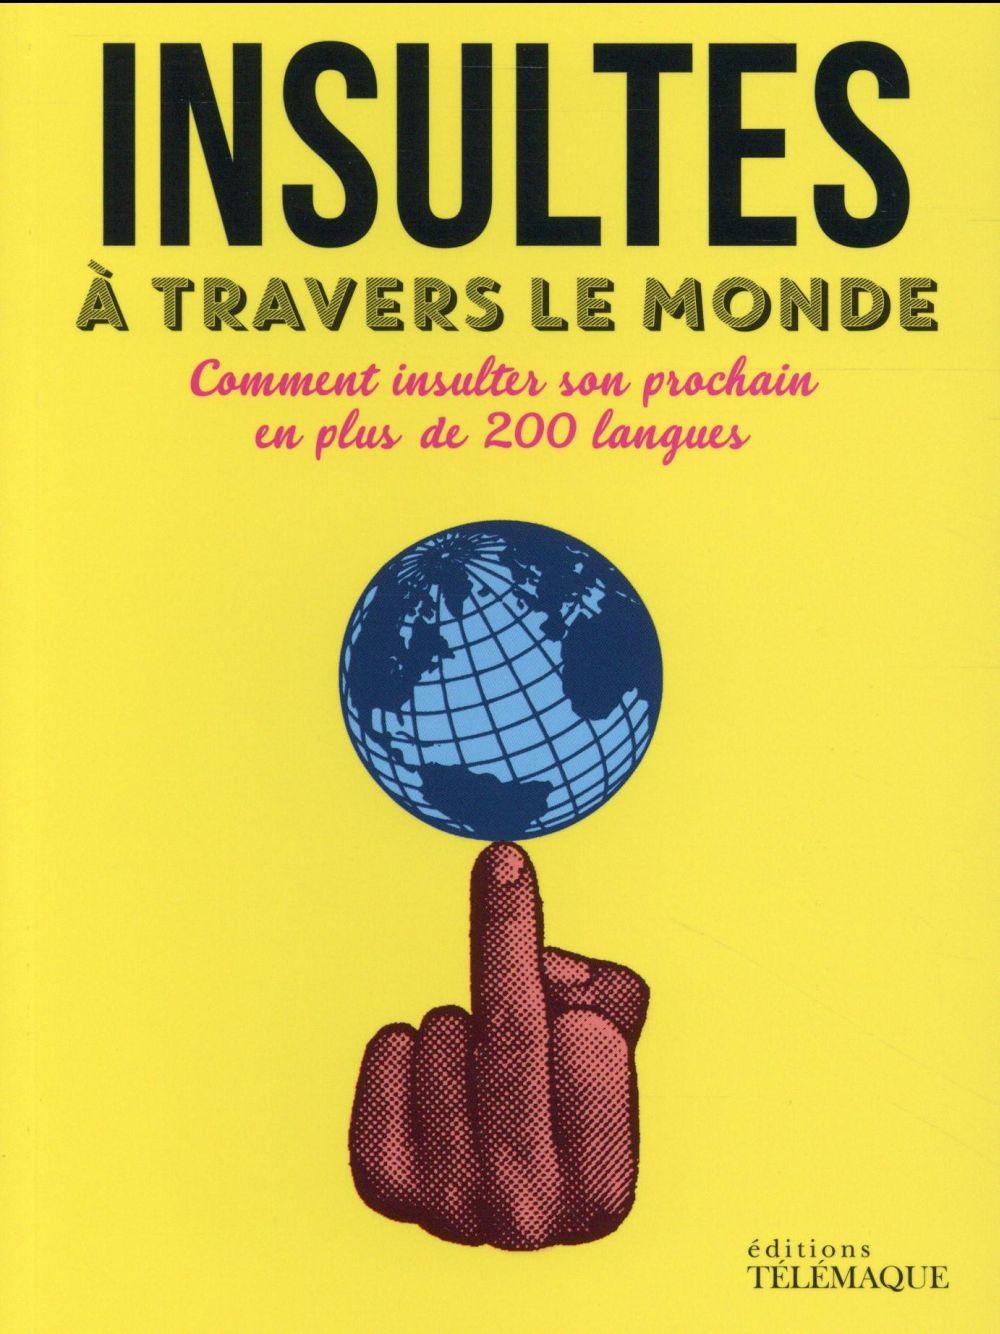 Insultes à travers le monde ; ou comment insulter son prochain en plus de 300 langues